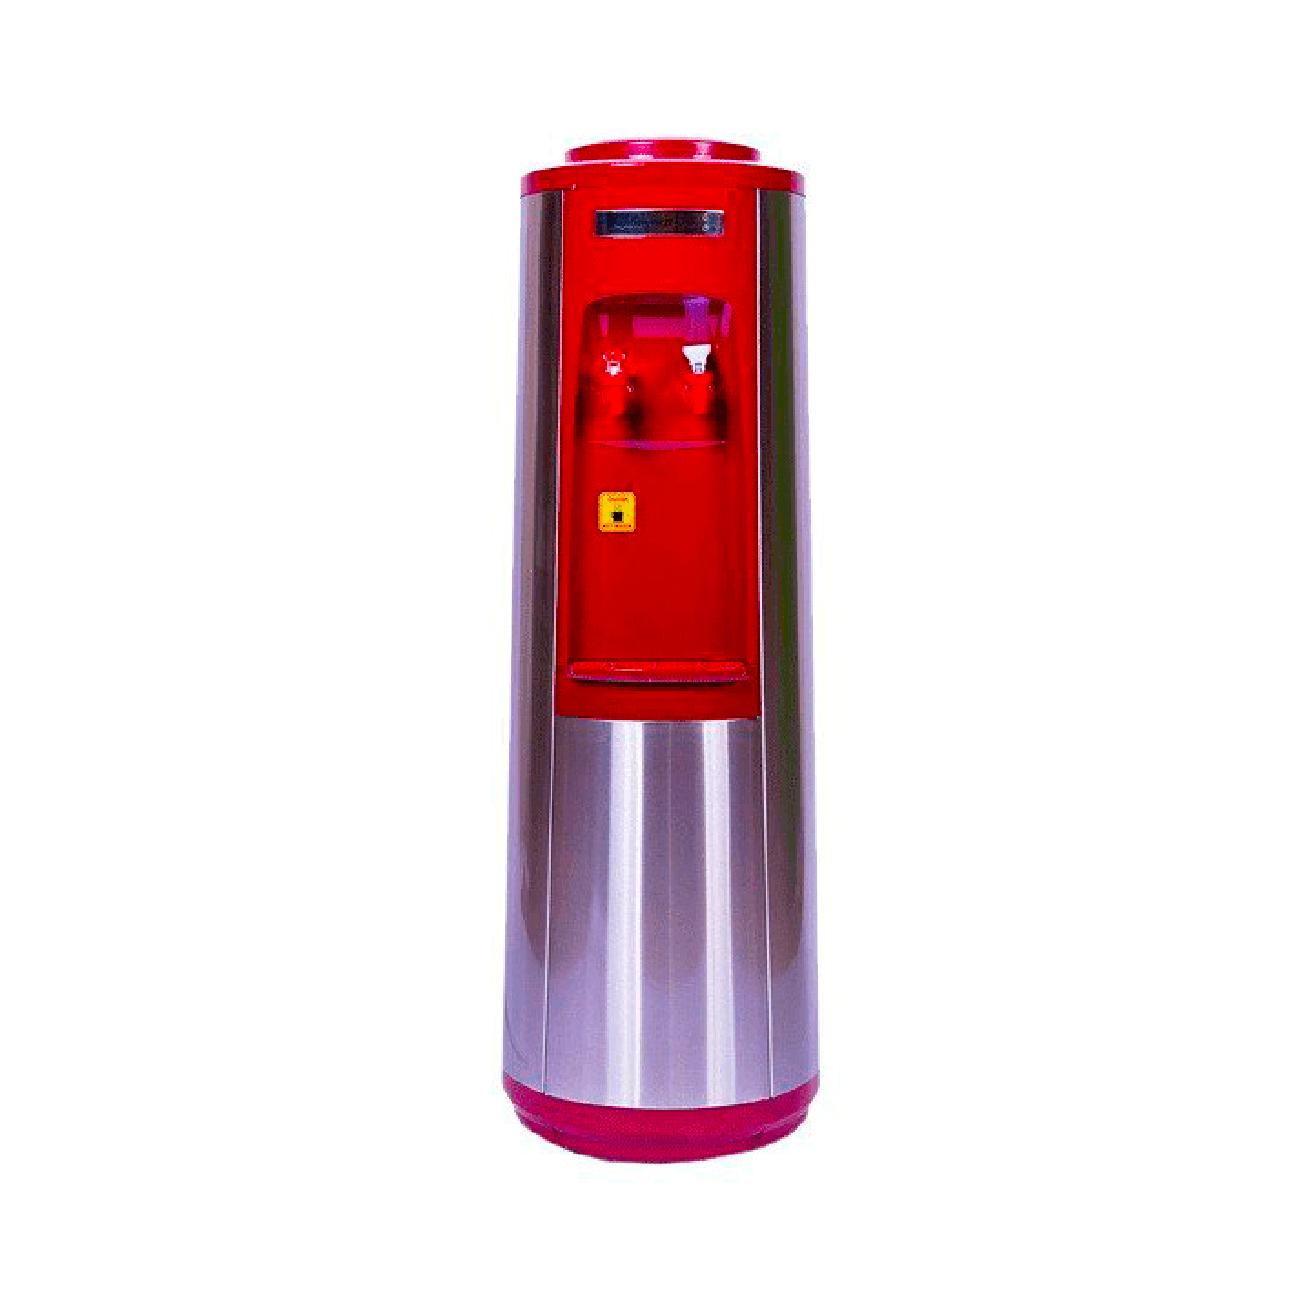 Кулеры напольные - Кулер для воды AquaWorld HC-66L Red (компрессорное охлаждение)